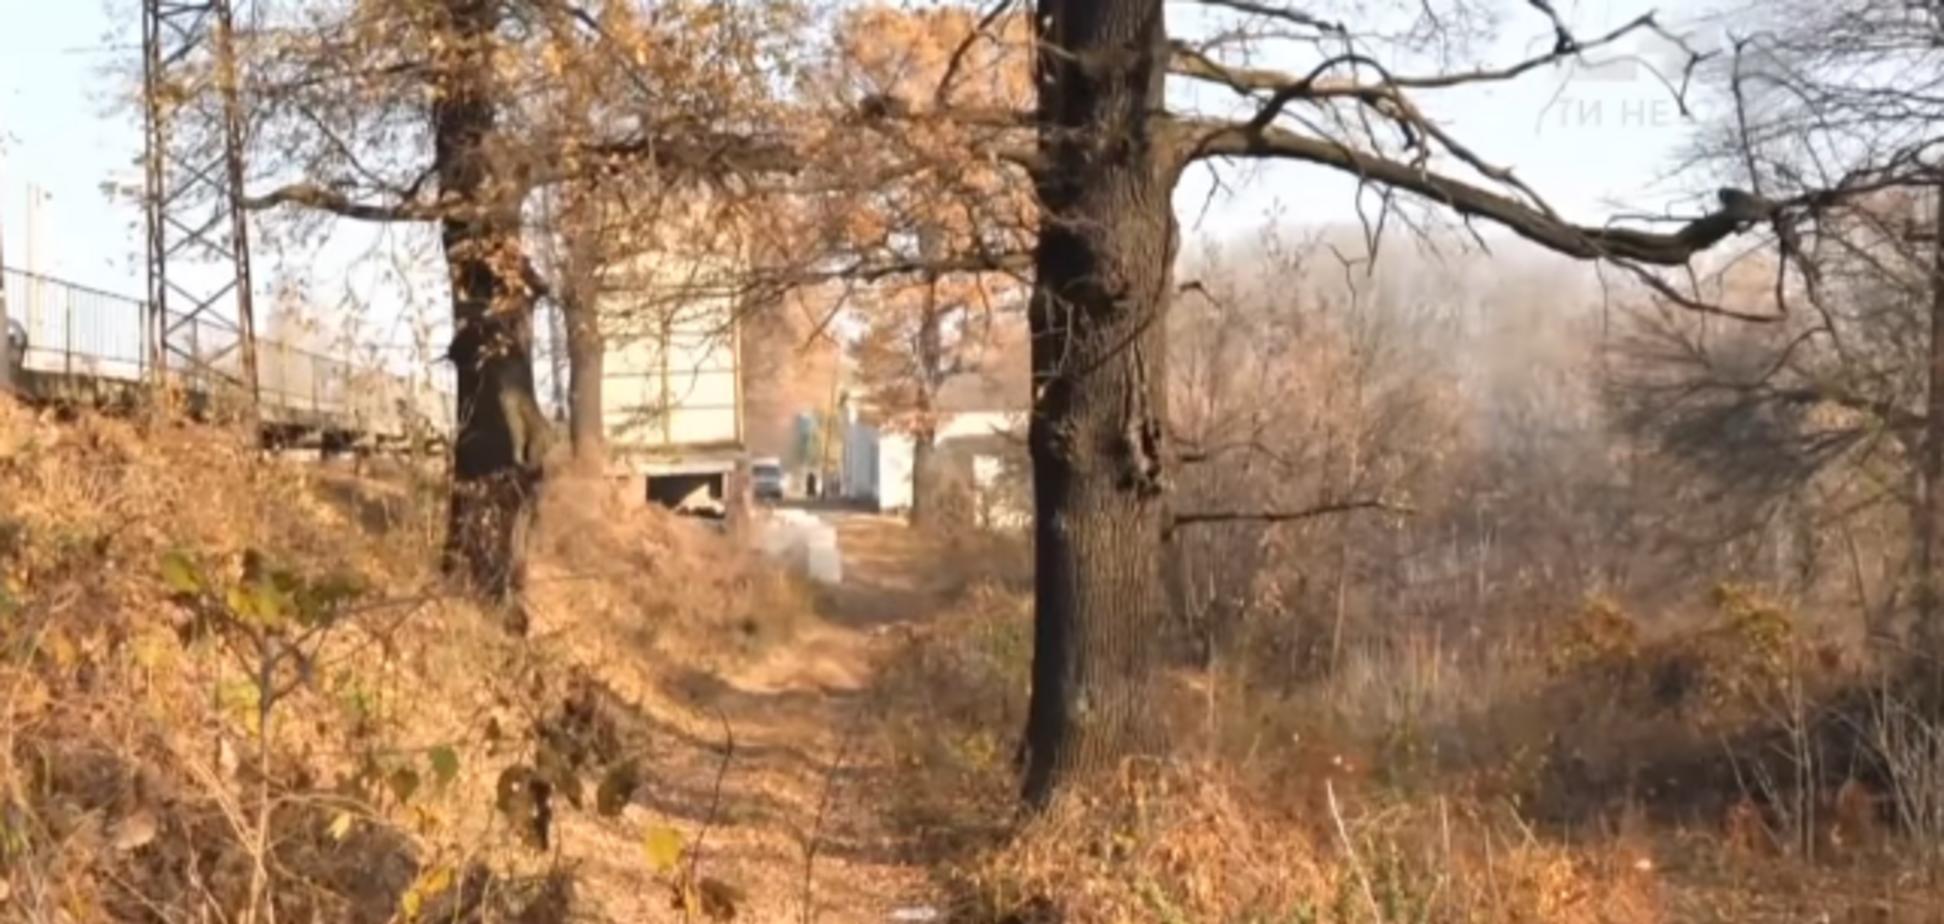 Зґвалтував і вбив школярку: на Харківщині селами шукають жорстокого маніяка